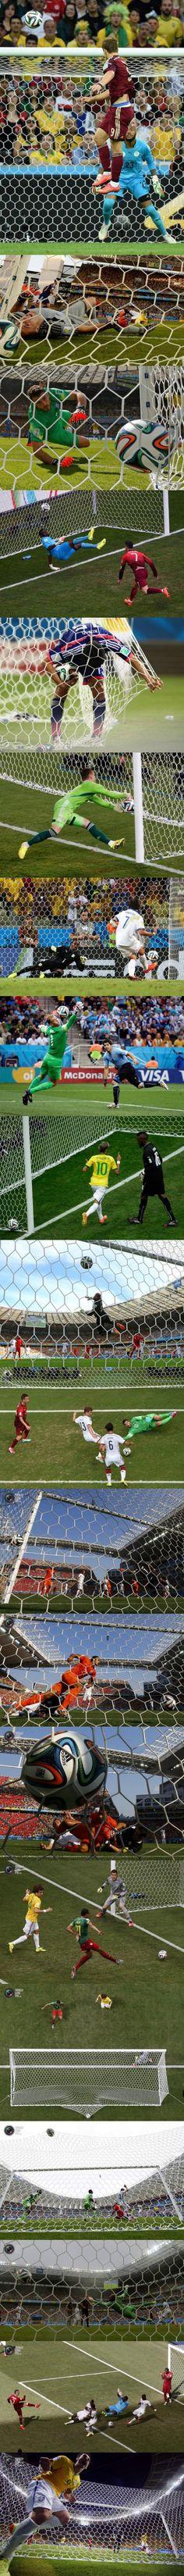 World Cup 2014 Goals